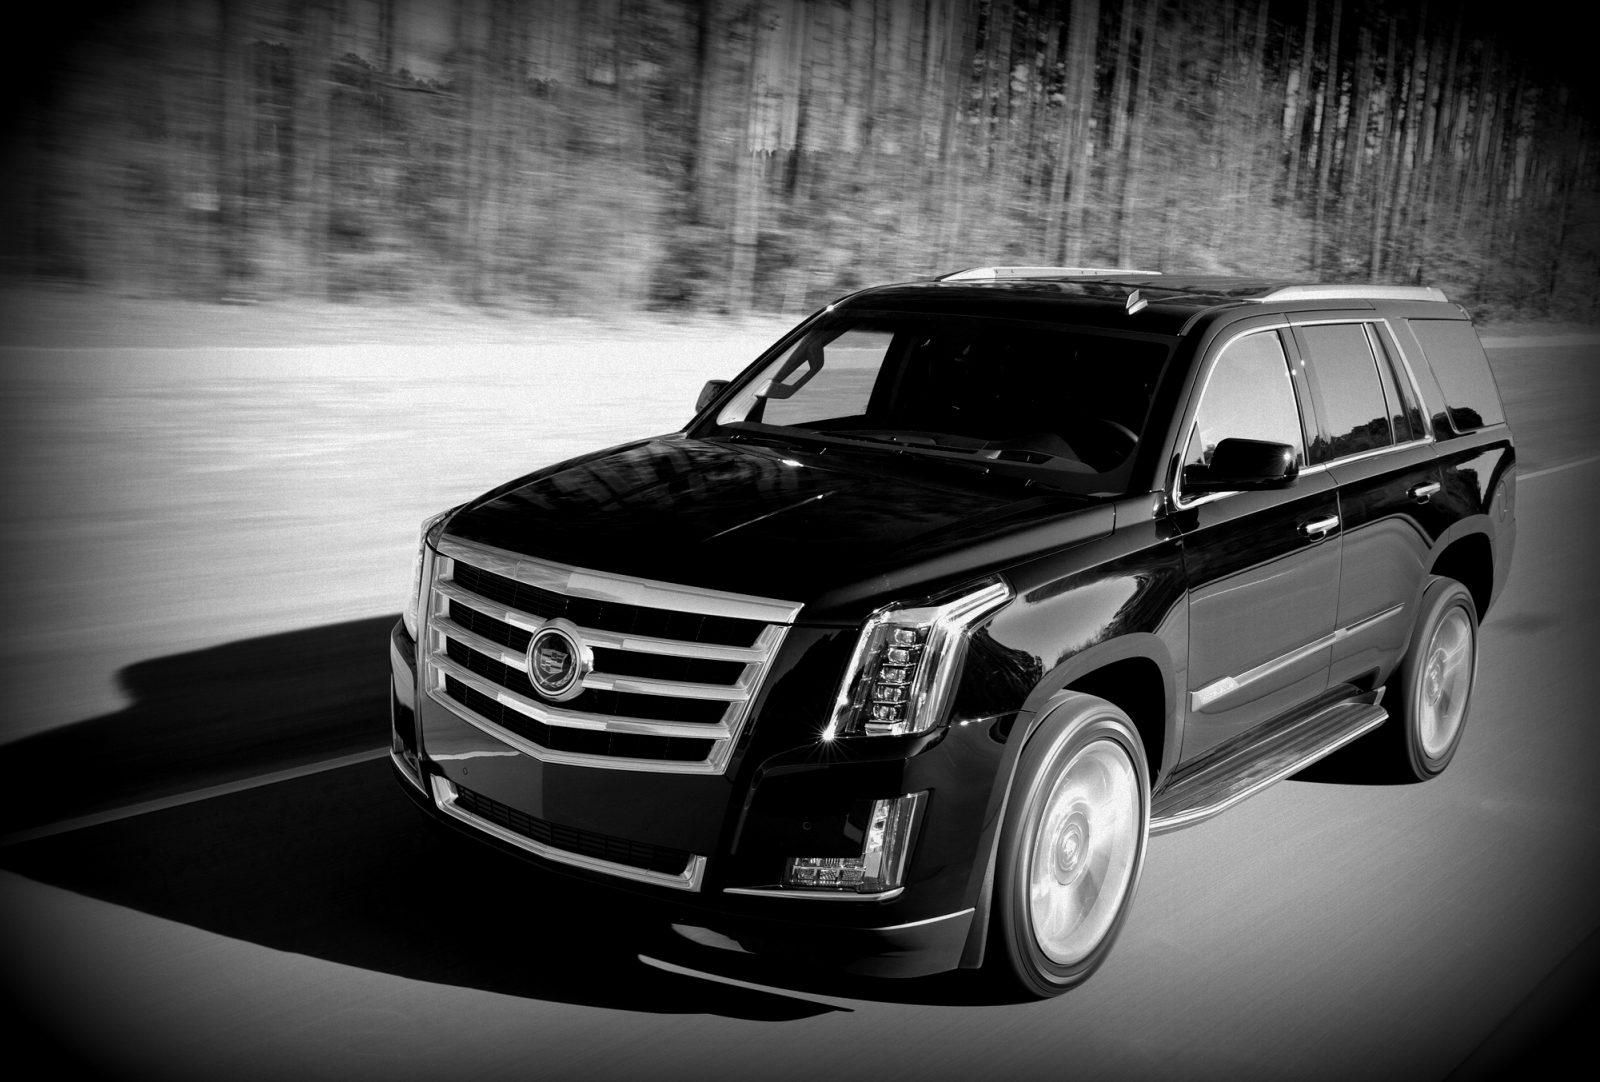 6 Passenger Cadillac Escalade Limo